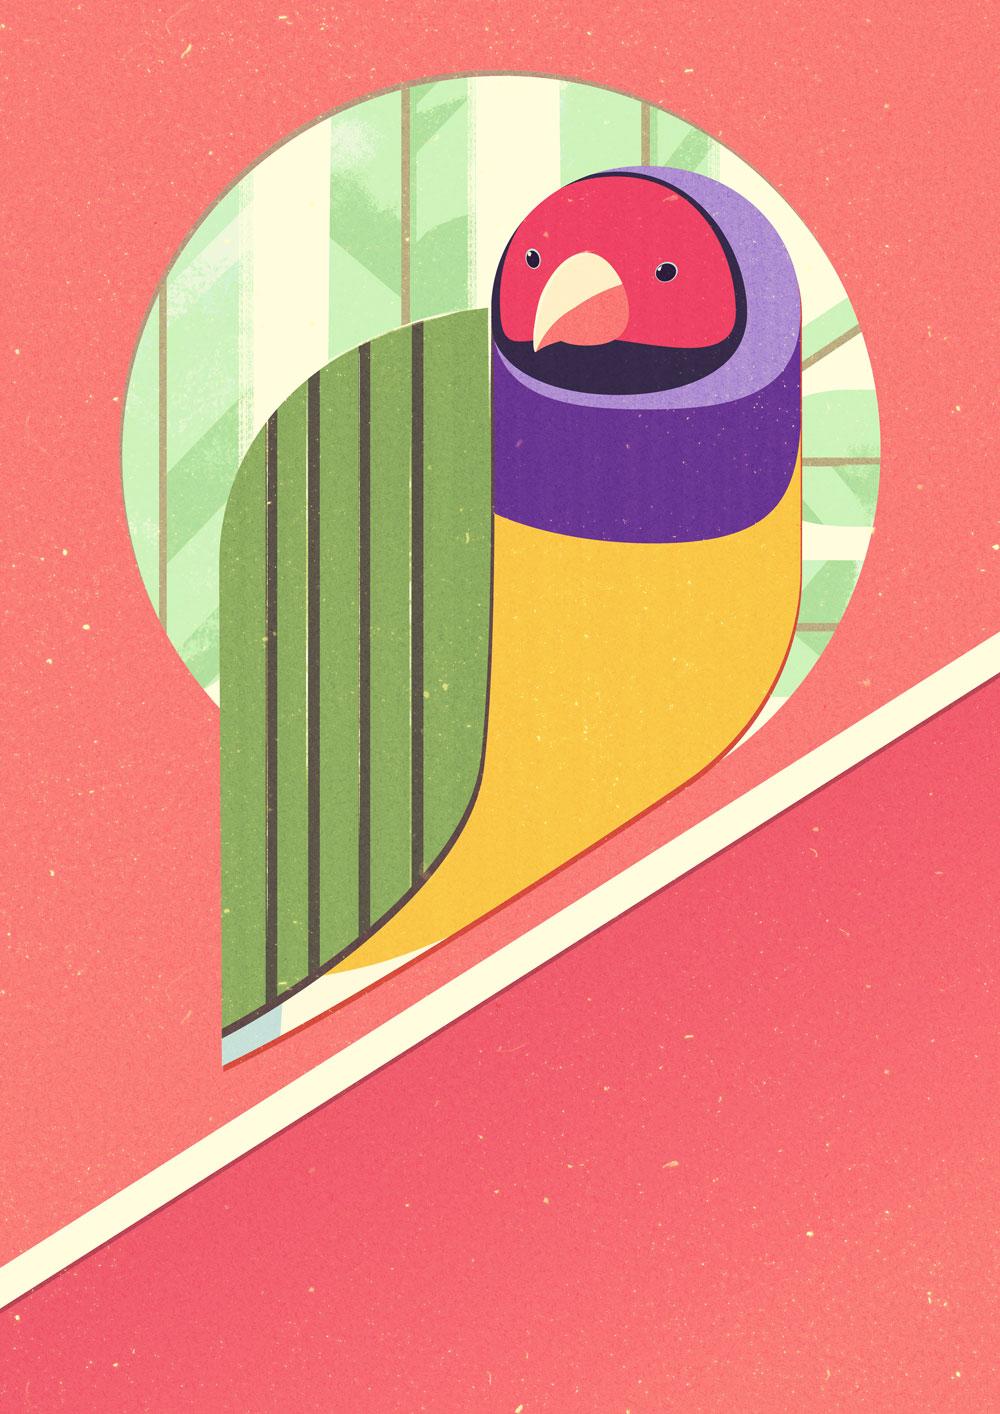 Leicht abstrakte, sehr grafische Darstellung eines Gouldamadinen